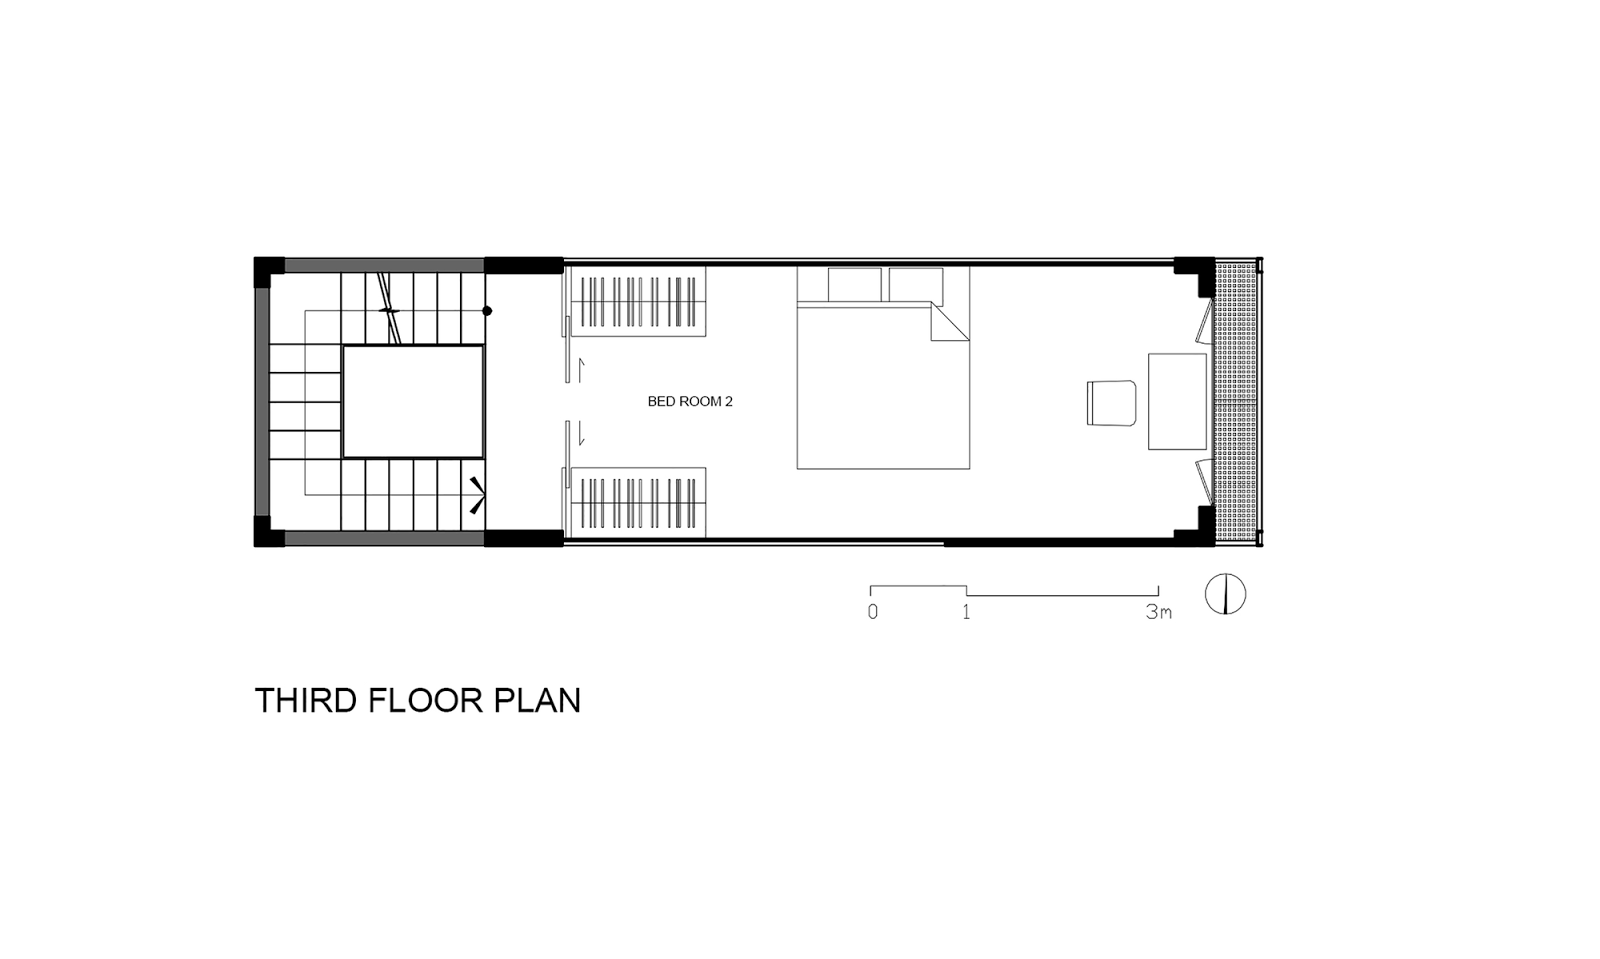 Denah Lantai 3 Rumah Sempit 3x10 Meter